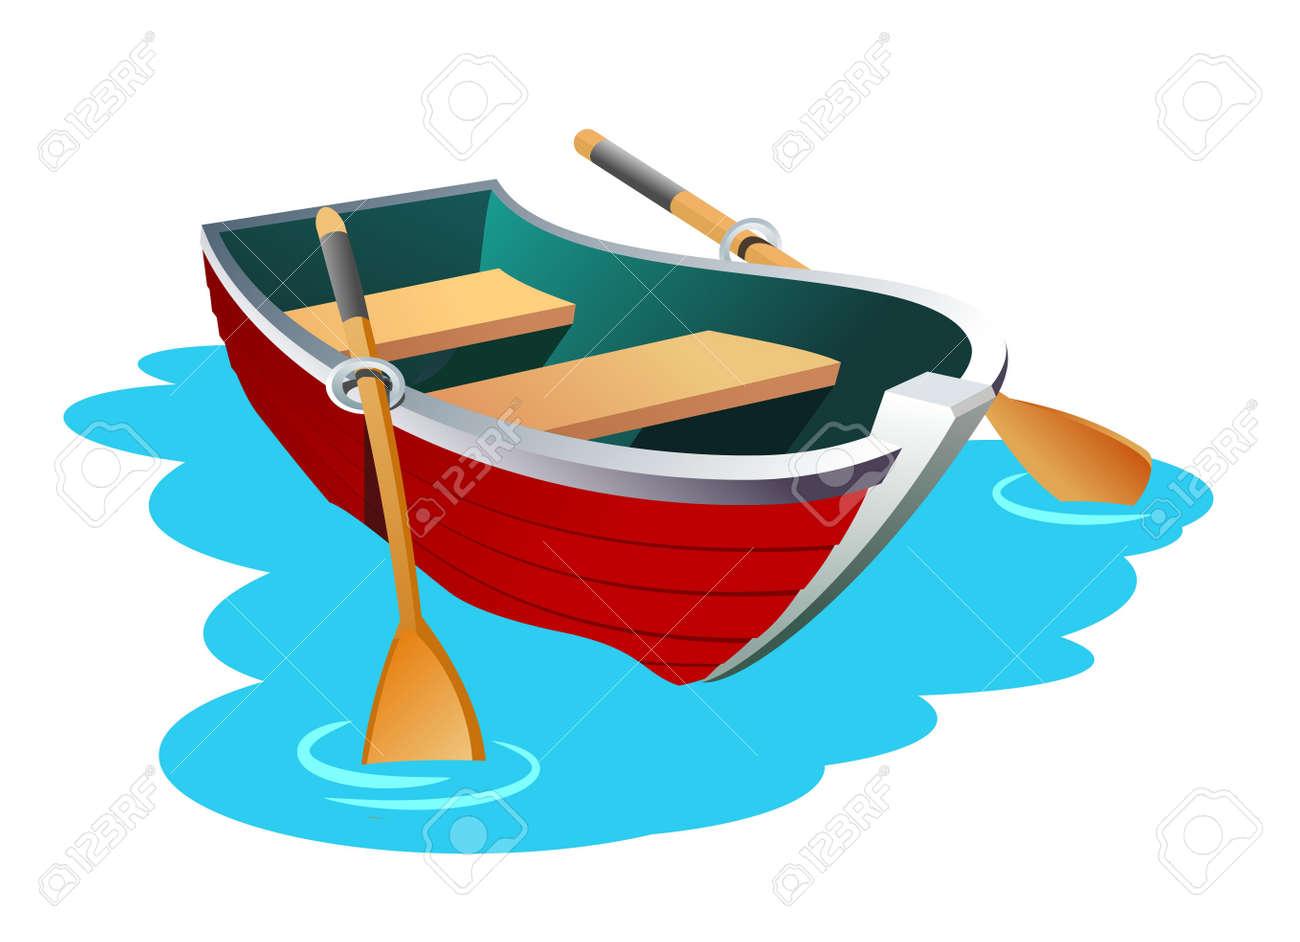 как нарисовать надувную лодку с человеком